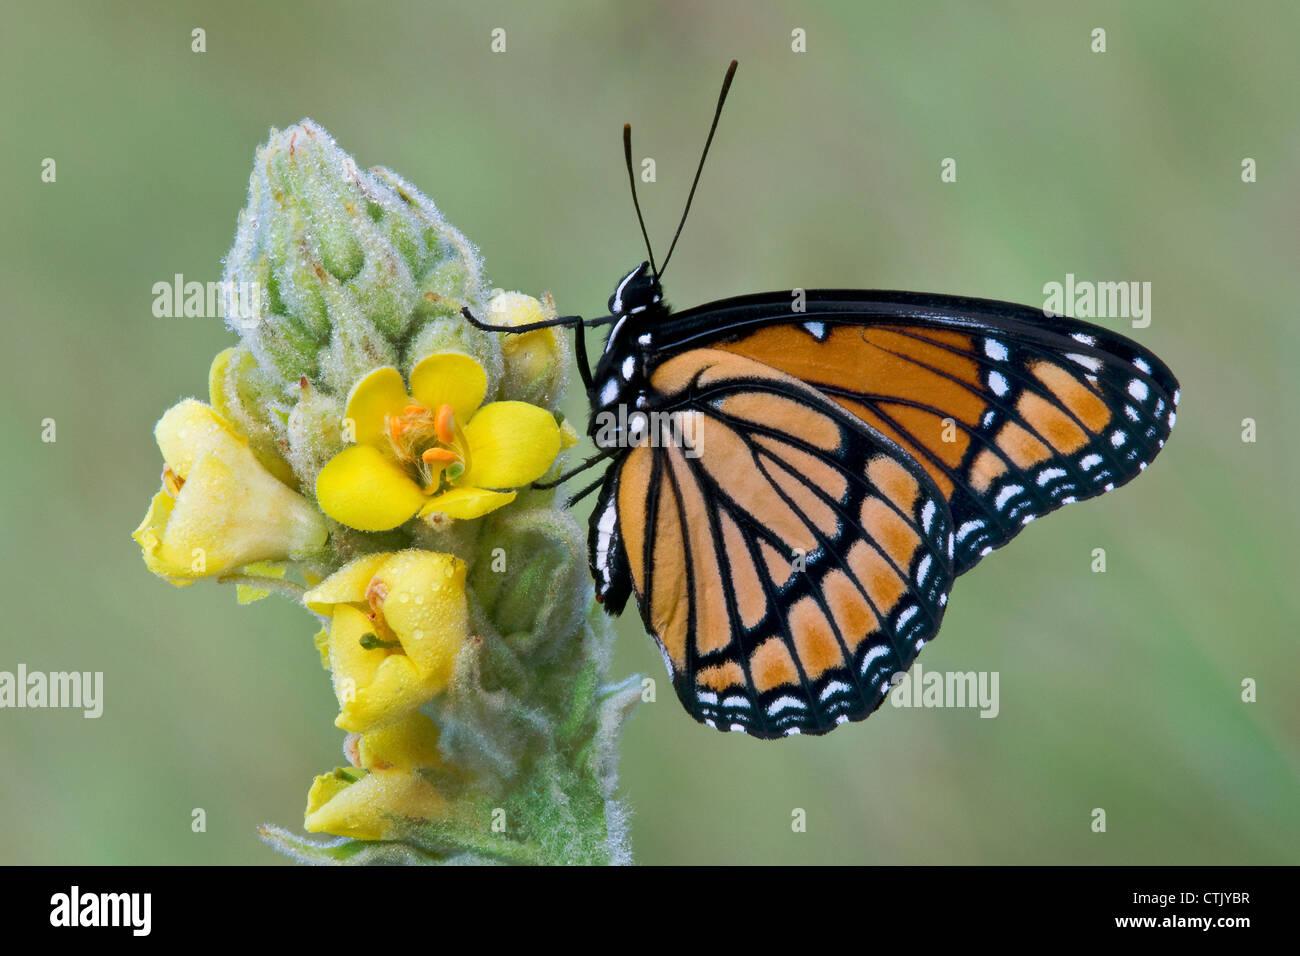 La mariposa virrey Limenitis archippus que recolectan néctar polinizando Mullein Verbascum Thapsus común este de los EE.UU. Foto de stock